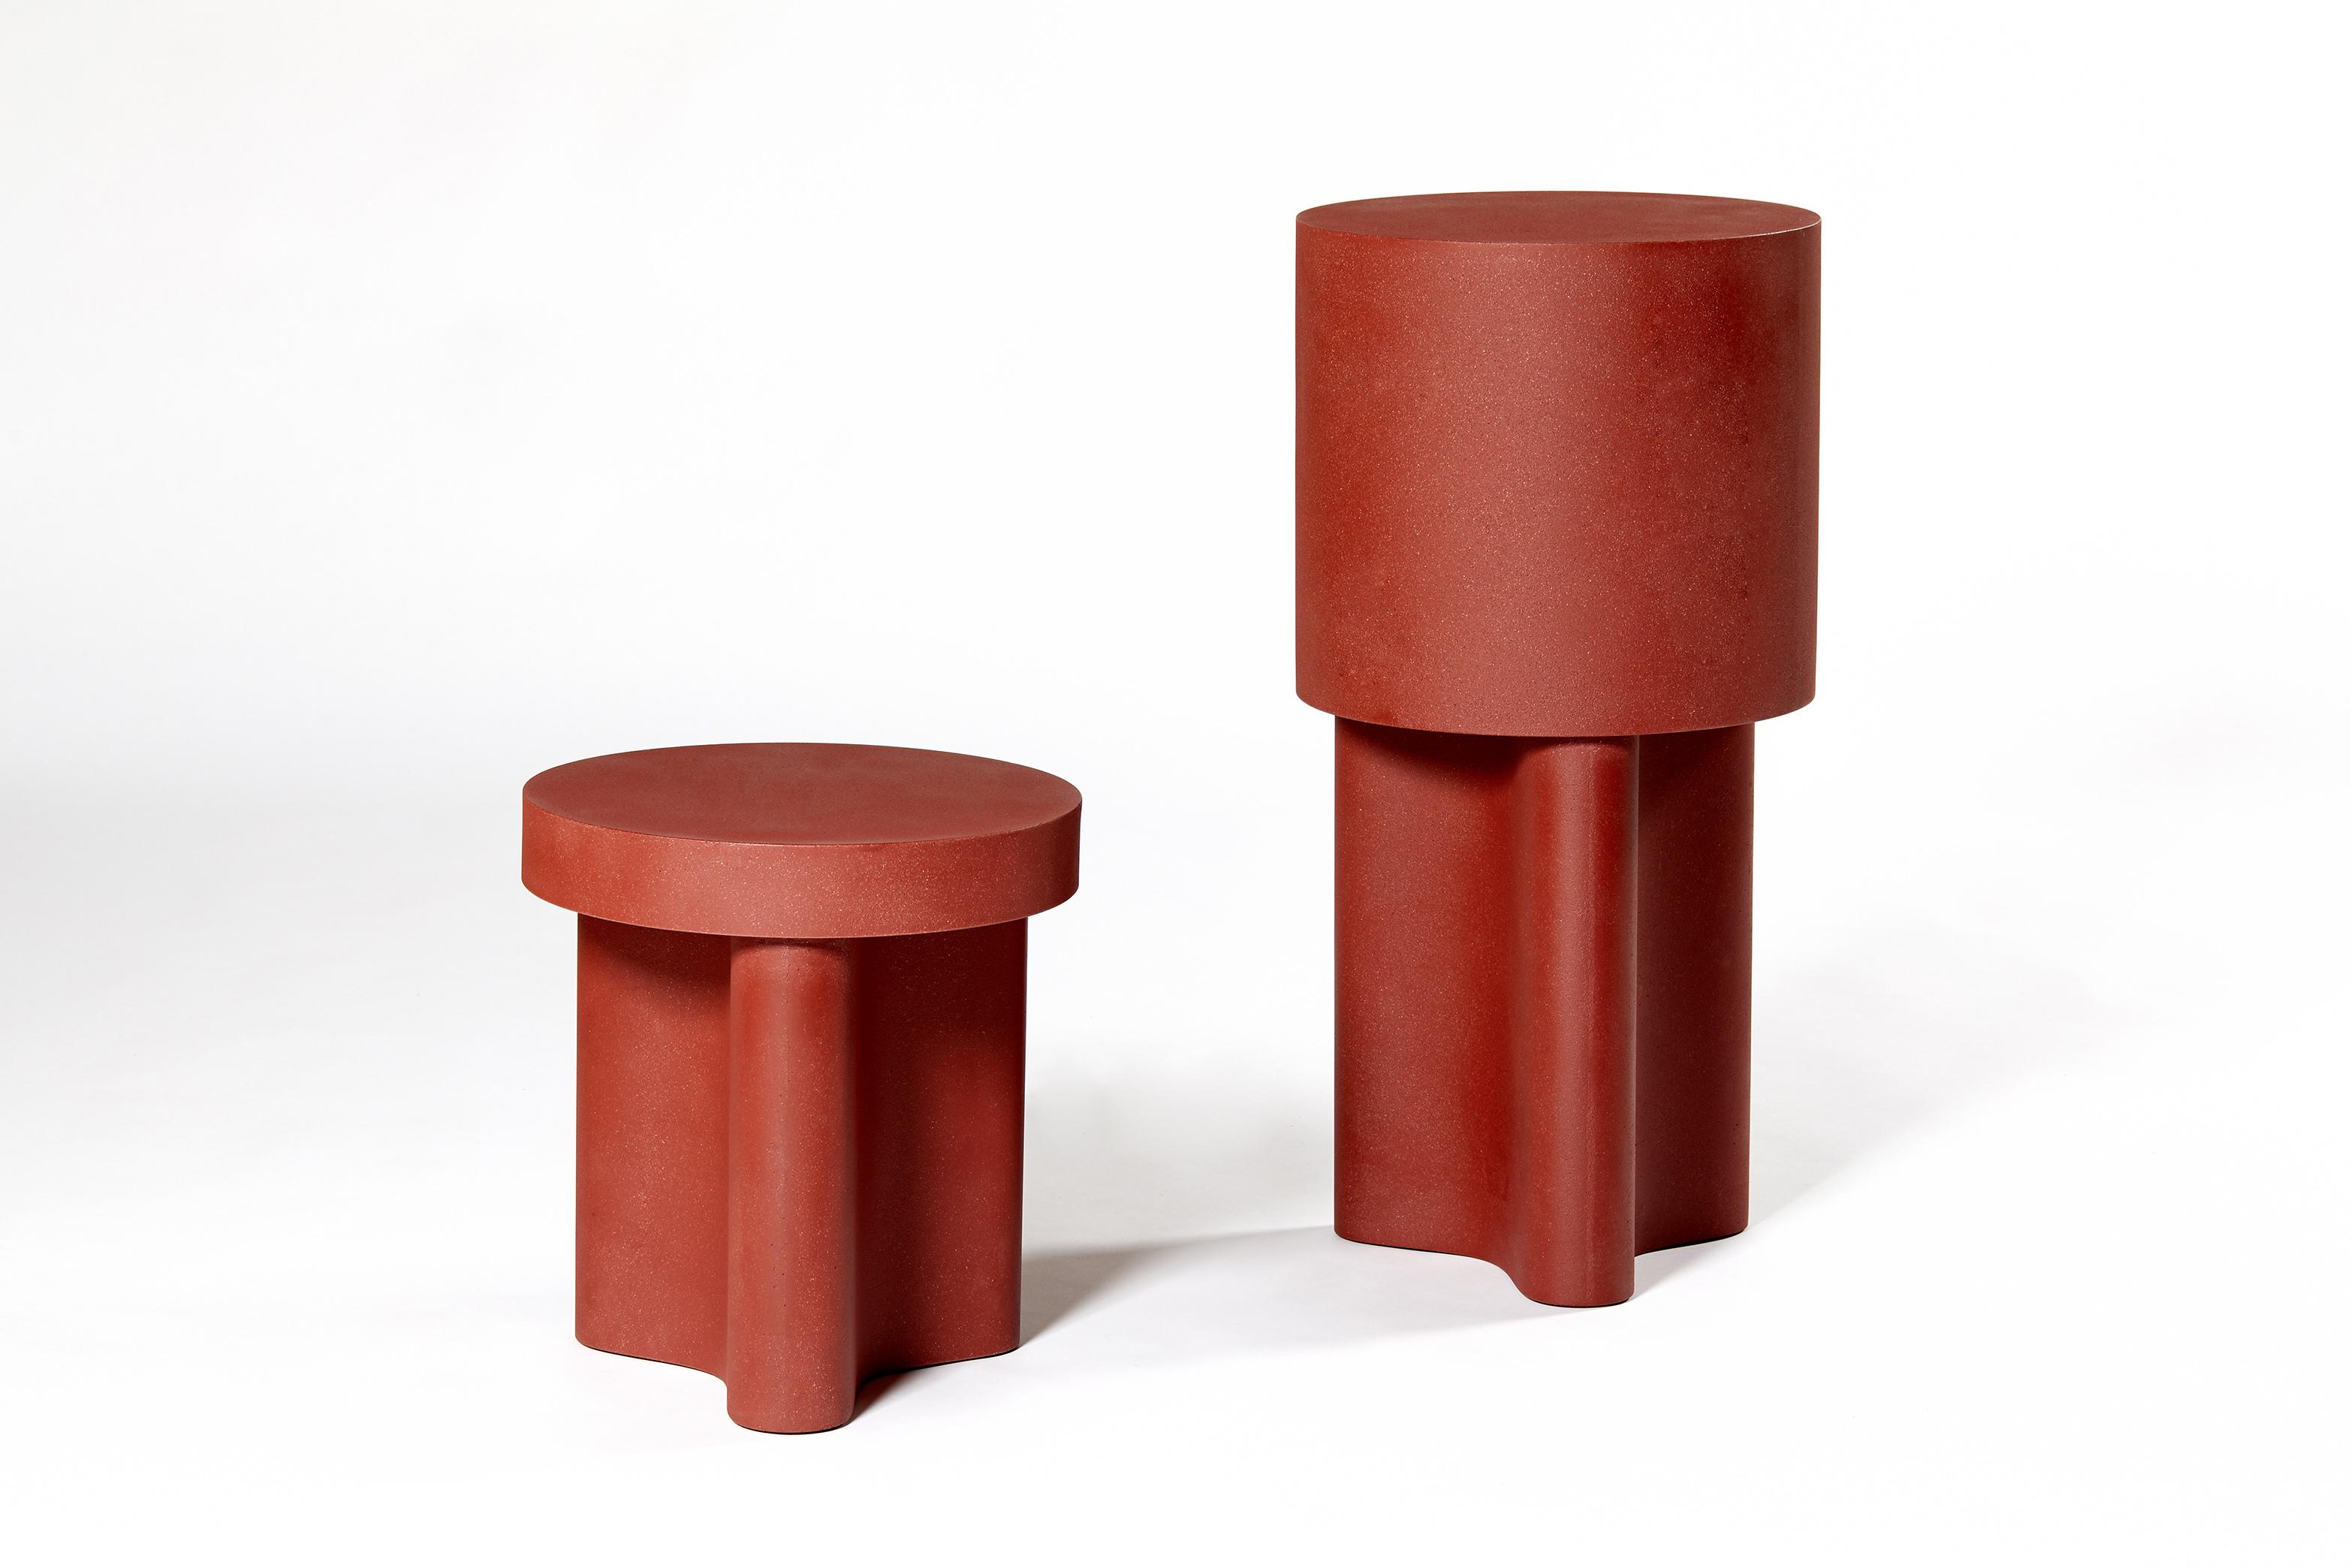 Eine neue Möbelkollektion von François Bauchet bei Galerie Kreo ...